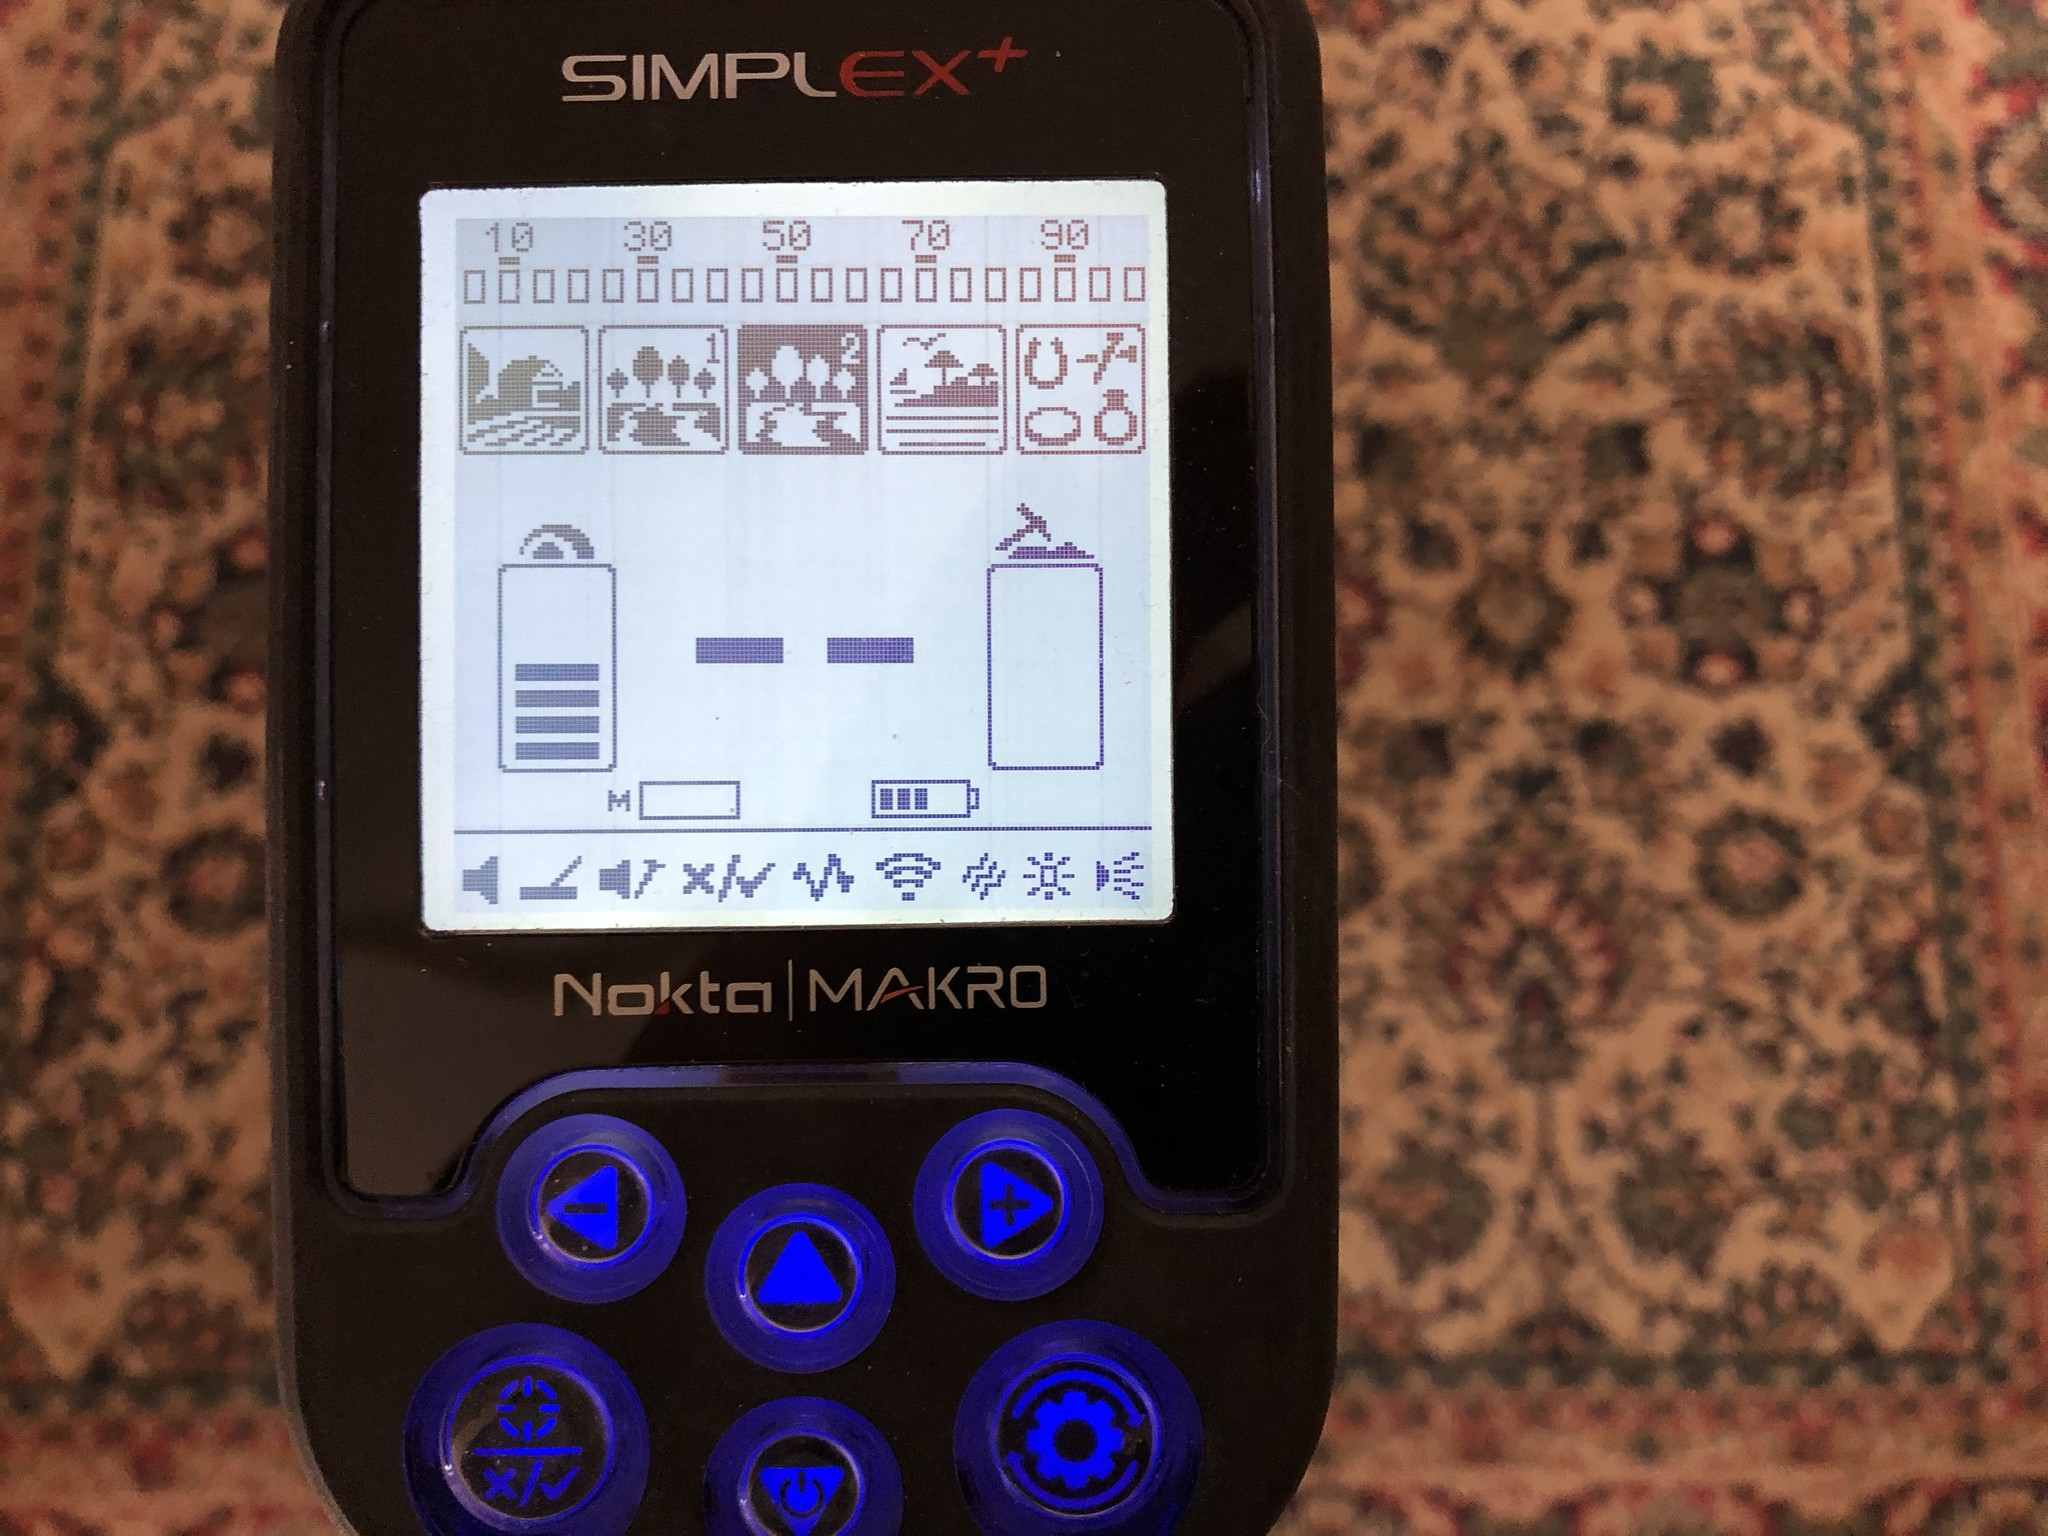 Nokta&Makro Simplex. Makro Nokta Simplex PRO Nieuw Model 2019 Detector